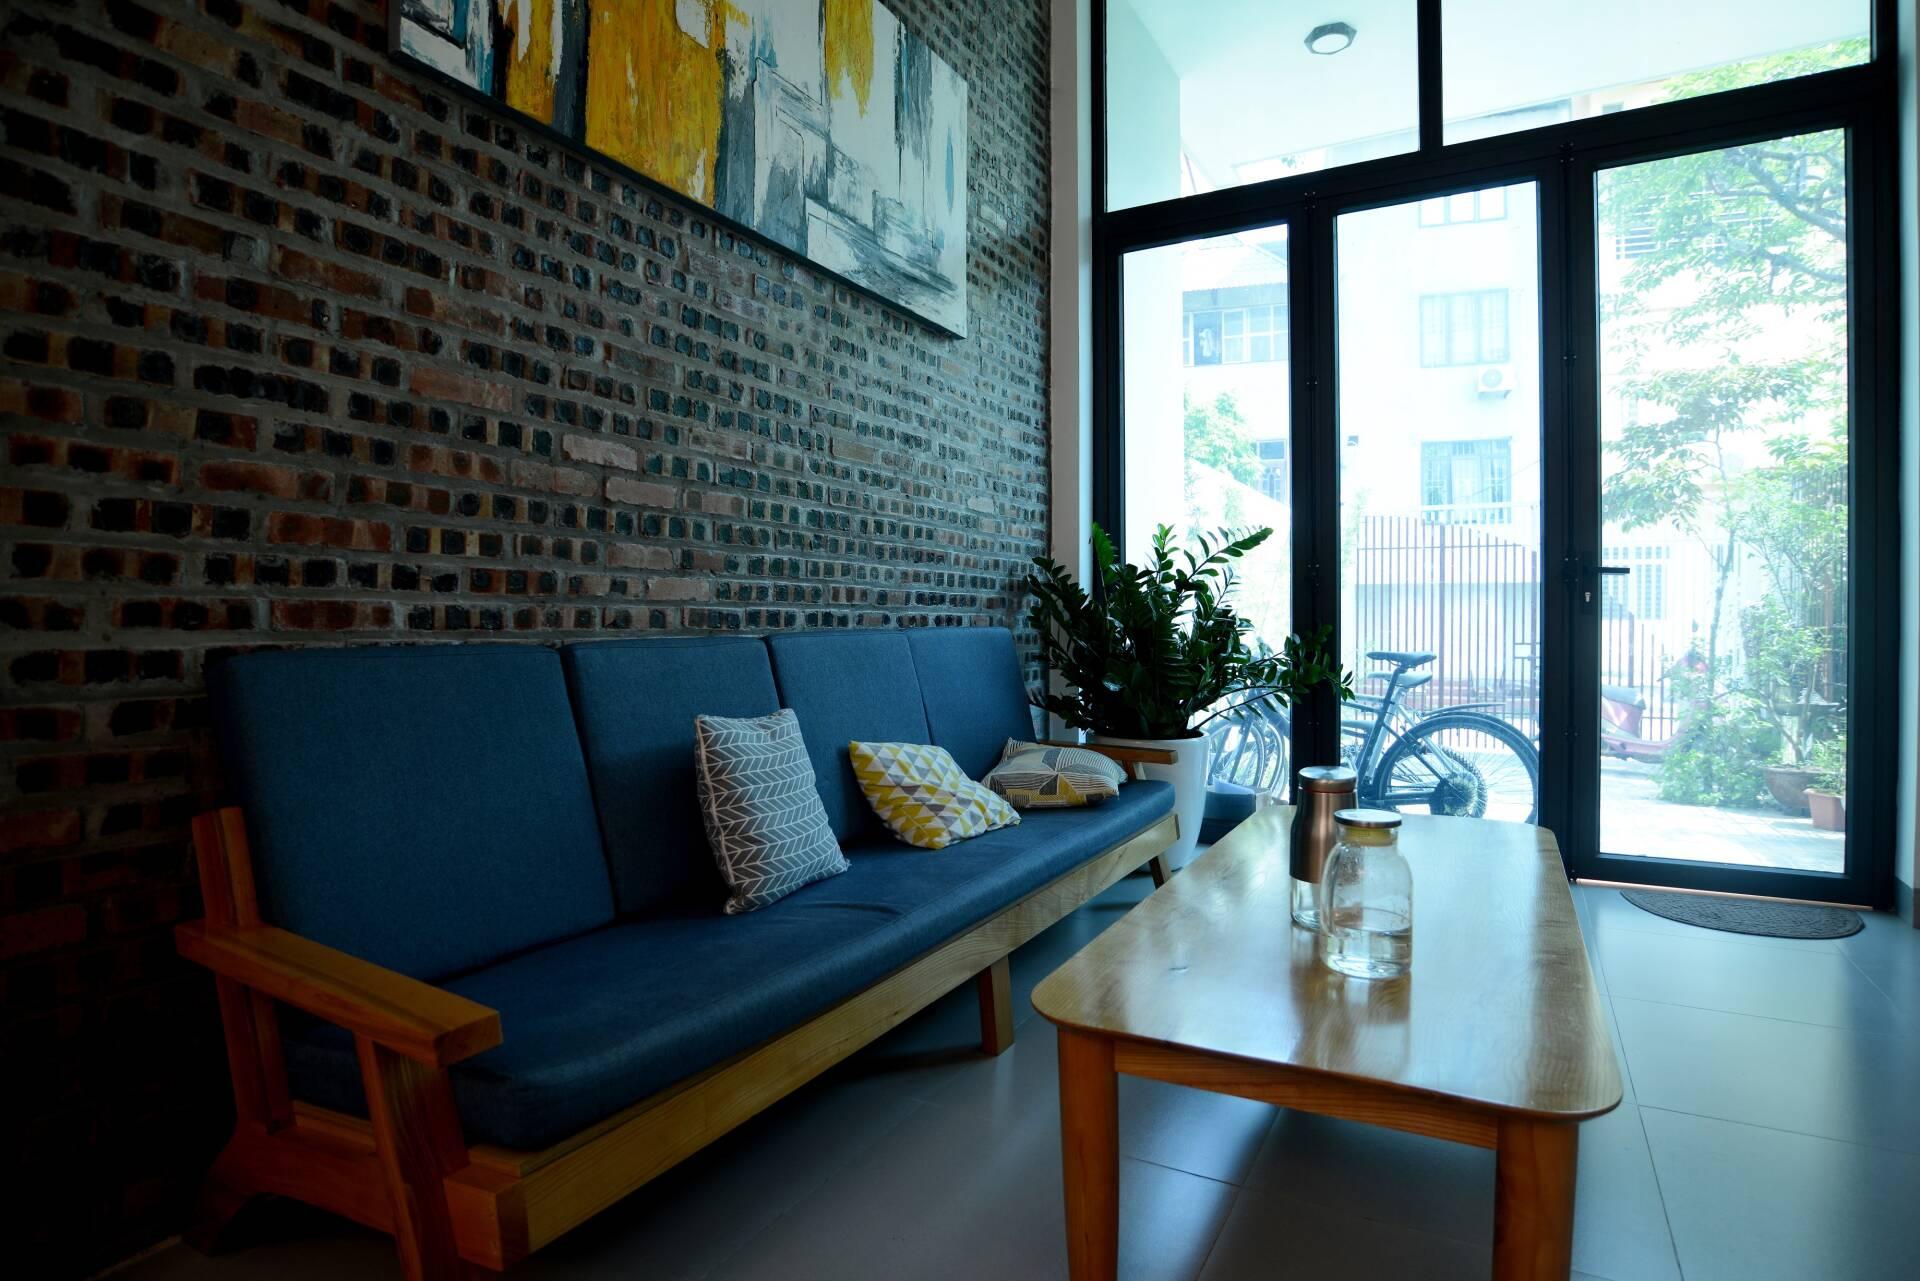 Phòng khách với điểm nhấn là bức tường thô mộc, gần gũi